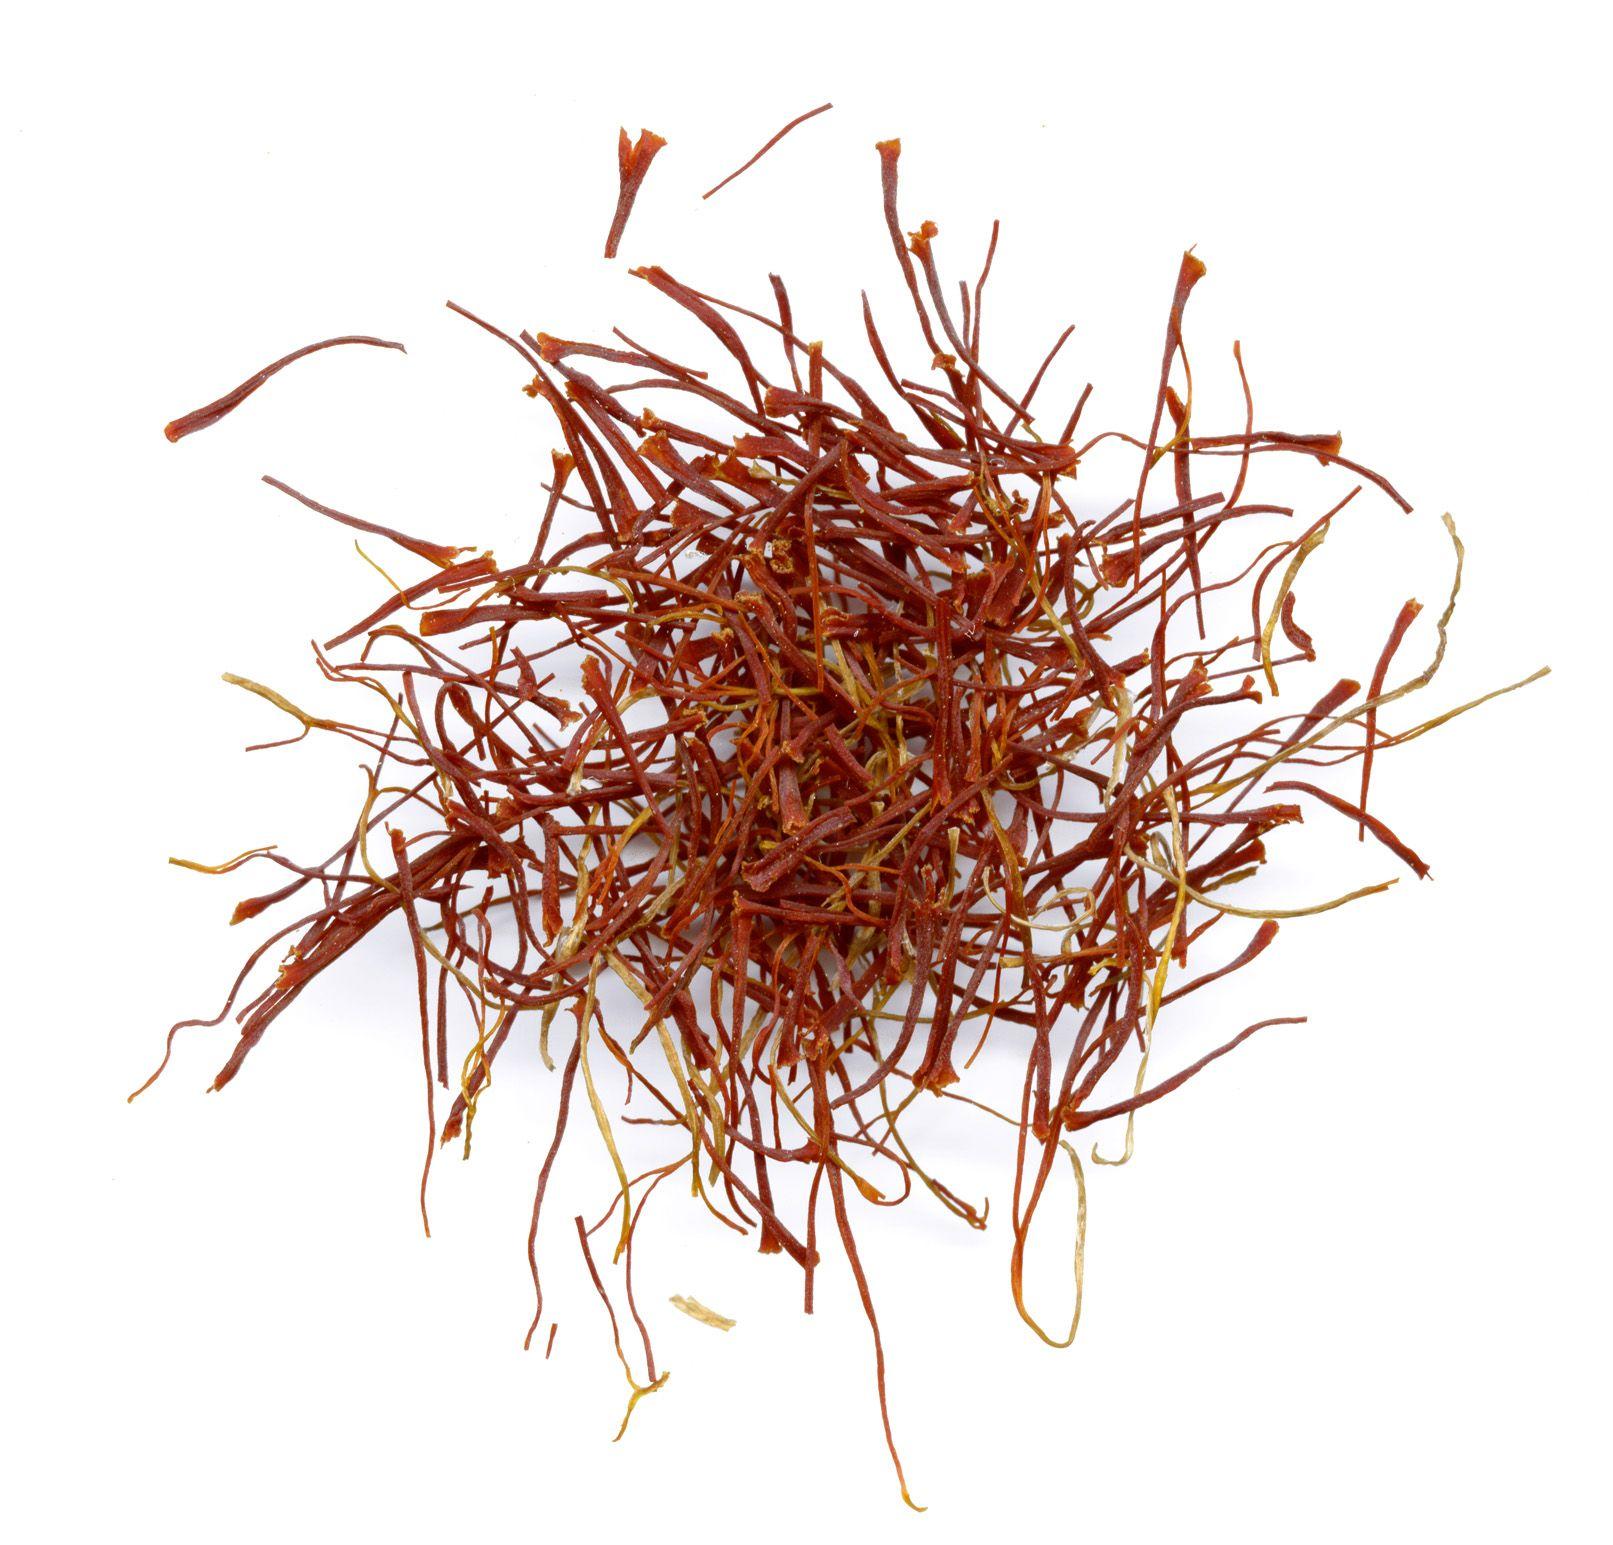 Saffron Threads Saffron Oil Saffron Crocus Saffron Benefits